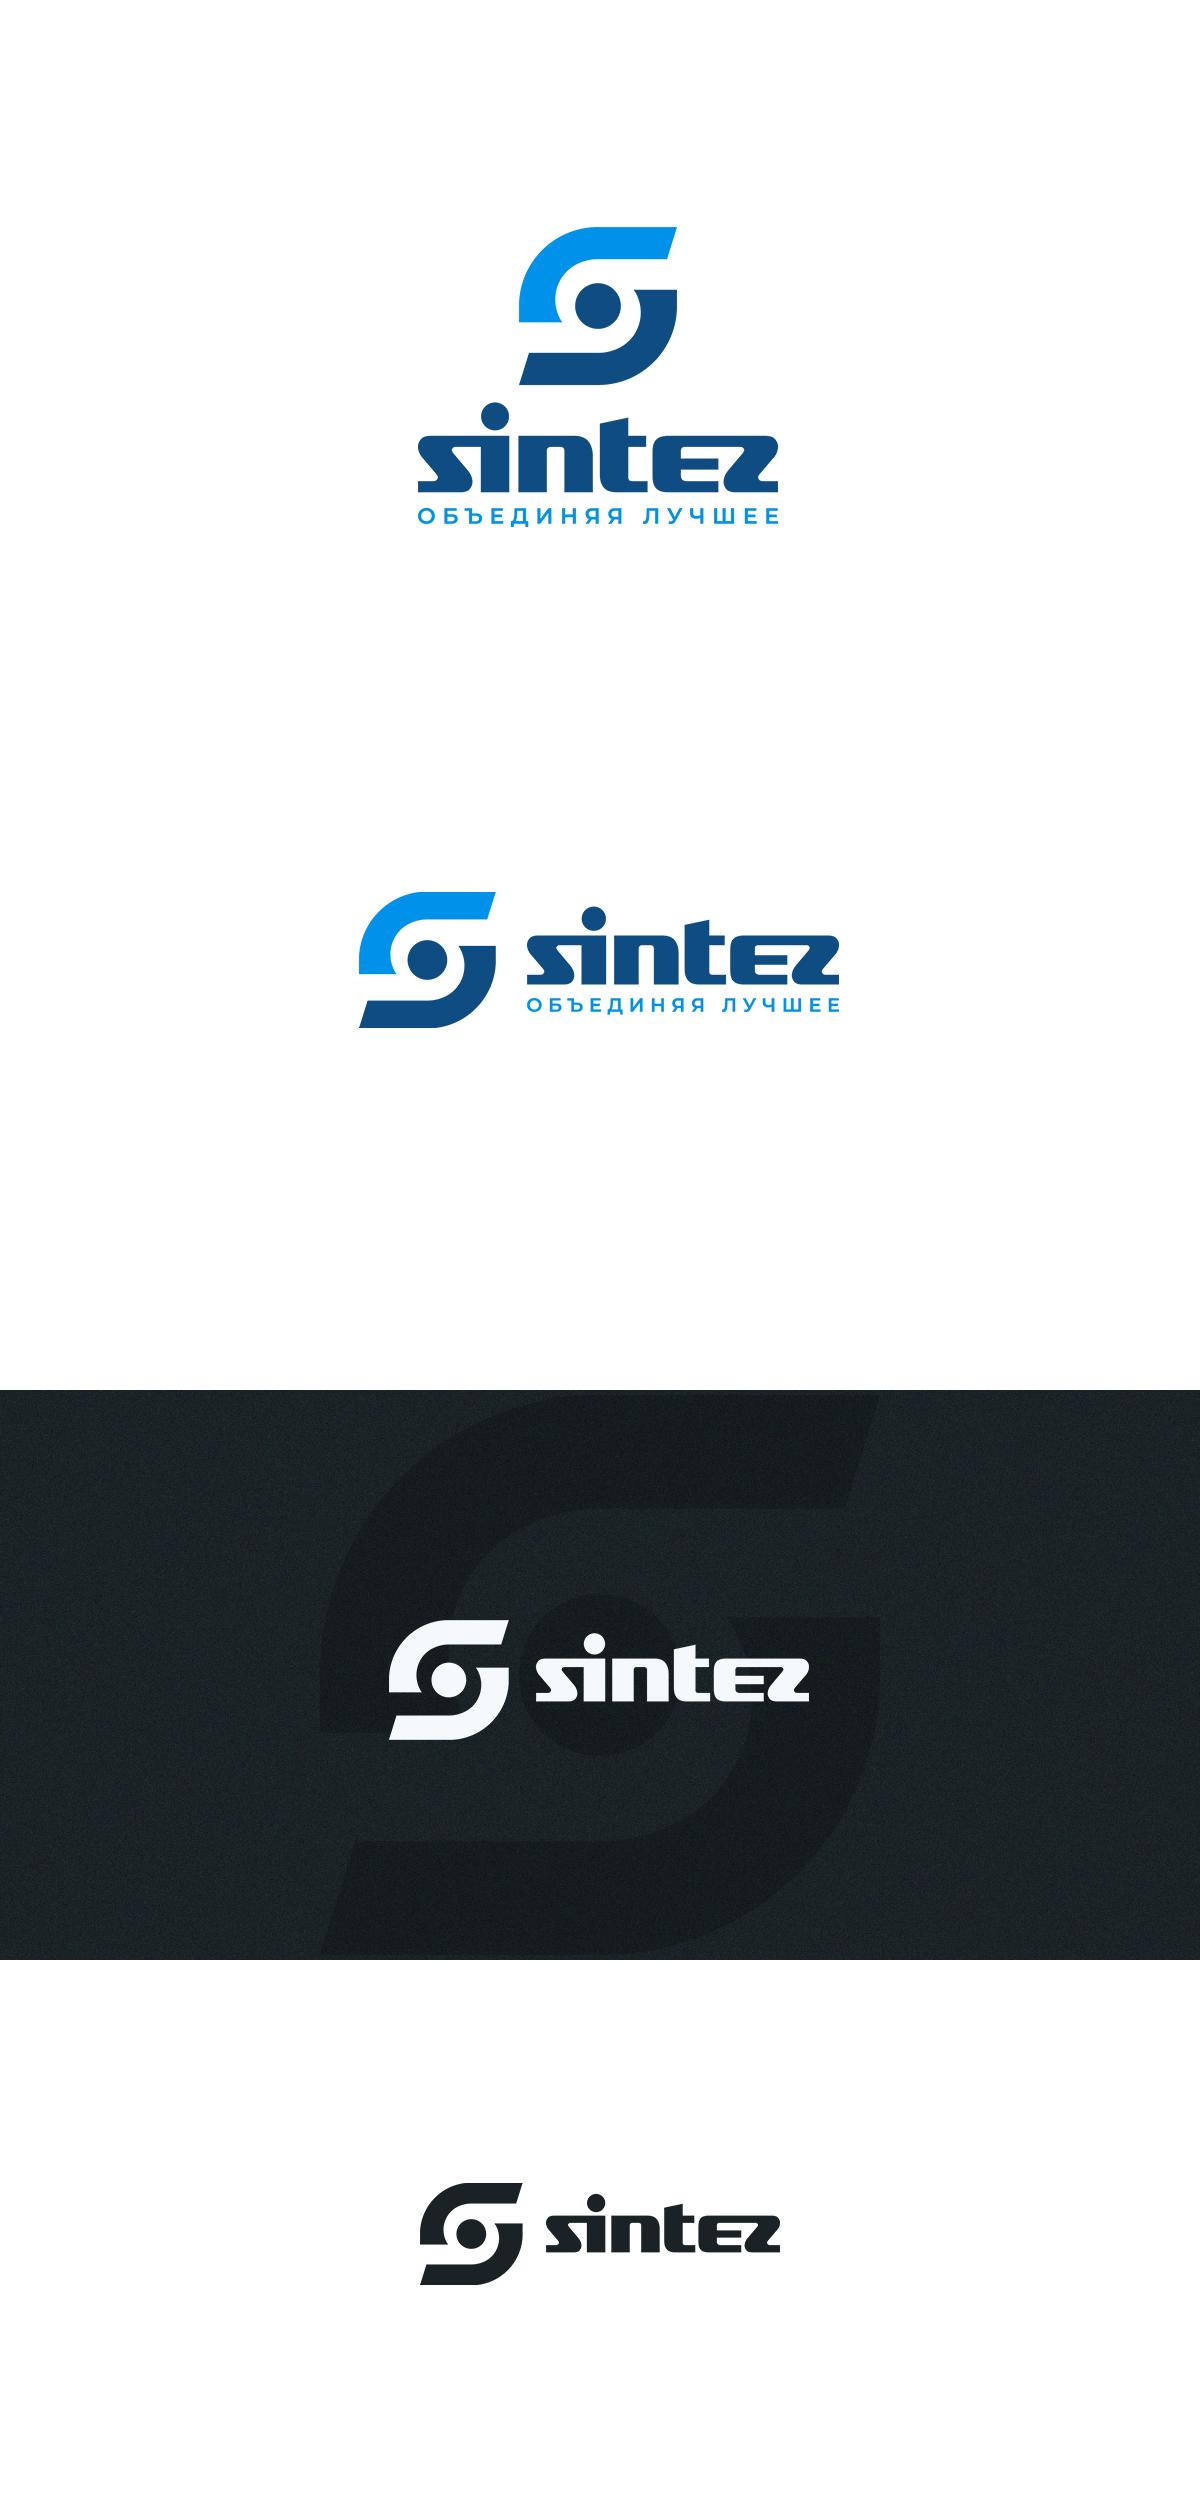 Разрабтка логотипа компании и фирменного шрифта фото f_4255f63b0ad9f42a.png